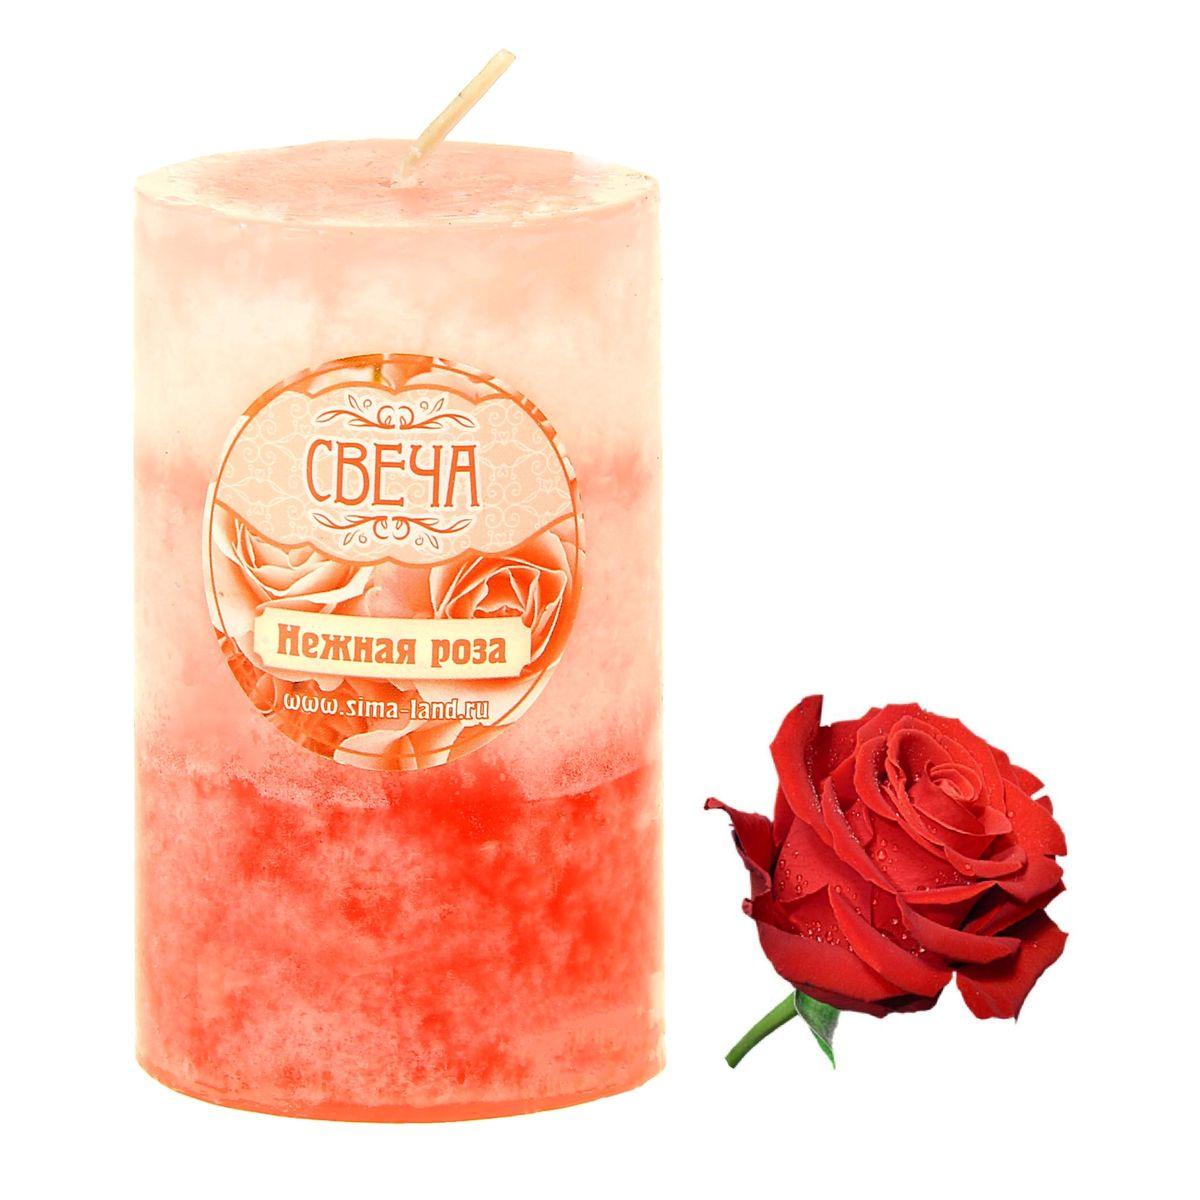 Свеча ароматизированная Sima-land Нежная роза, цвет: светло-розовый, розовый, высота 7,5 см. 849478849478Свеча Sima-land Нежная роза выполнена из воска в виде столбика. Свеча наполнит дом приятным ароматом розы, который понравится как женщинам, так и мужчинам. Создайте для себя и своих близких не забываемую атмосферу праздника. Ароматическая свеча Sima-land Нежная роза раскрасит серые будни яркими красками.